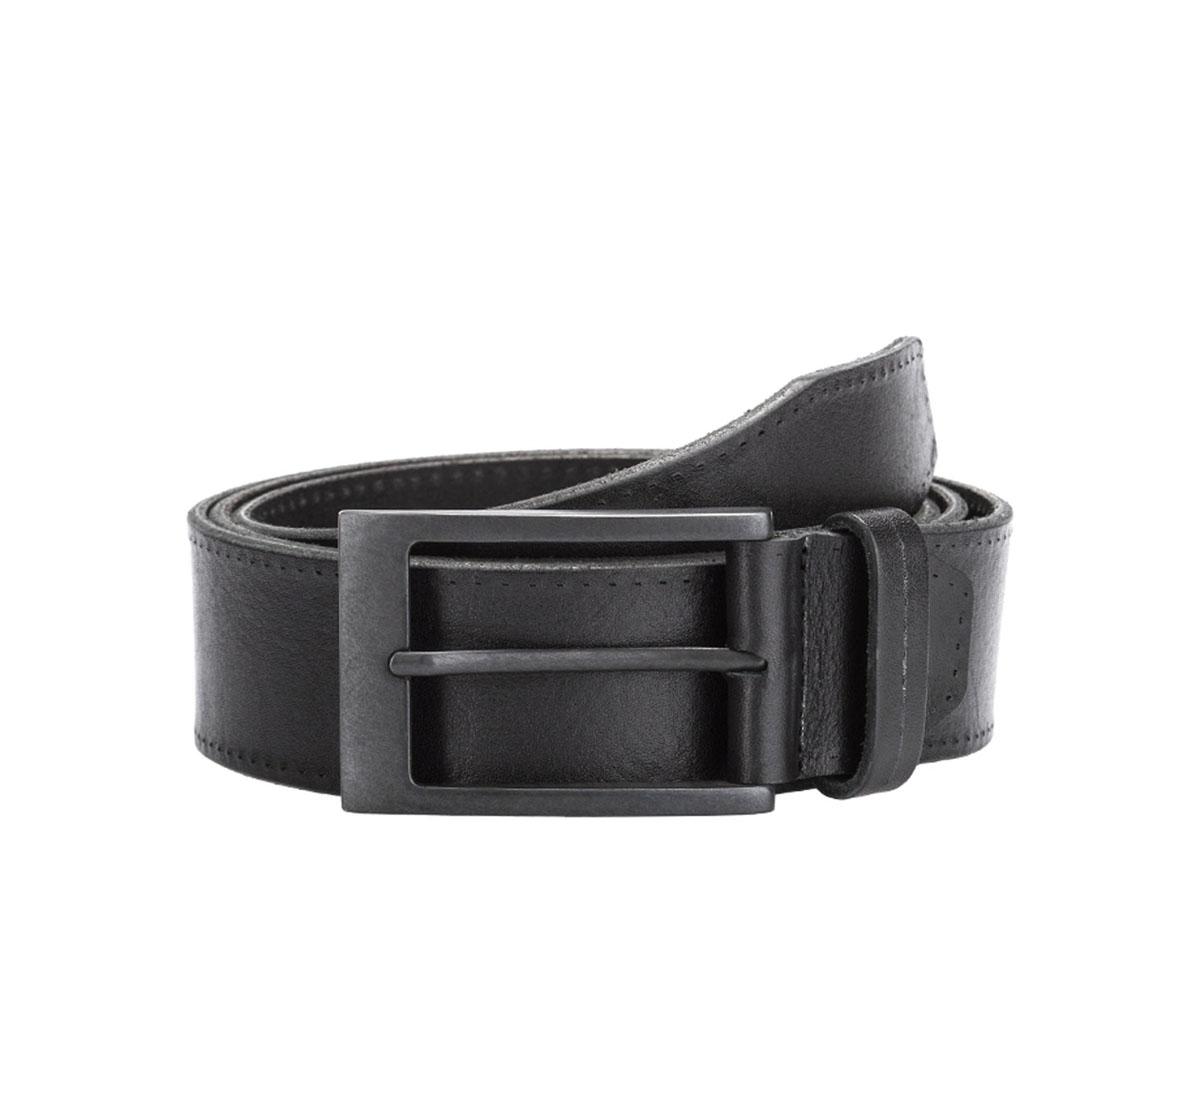 Ремень мужской Askent, цвет: черный. RM.5/125.MG. Размер 125